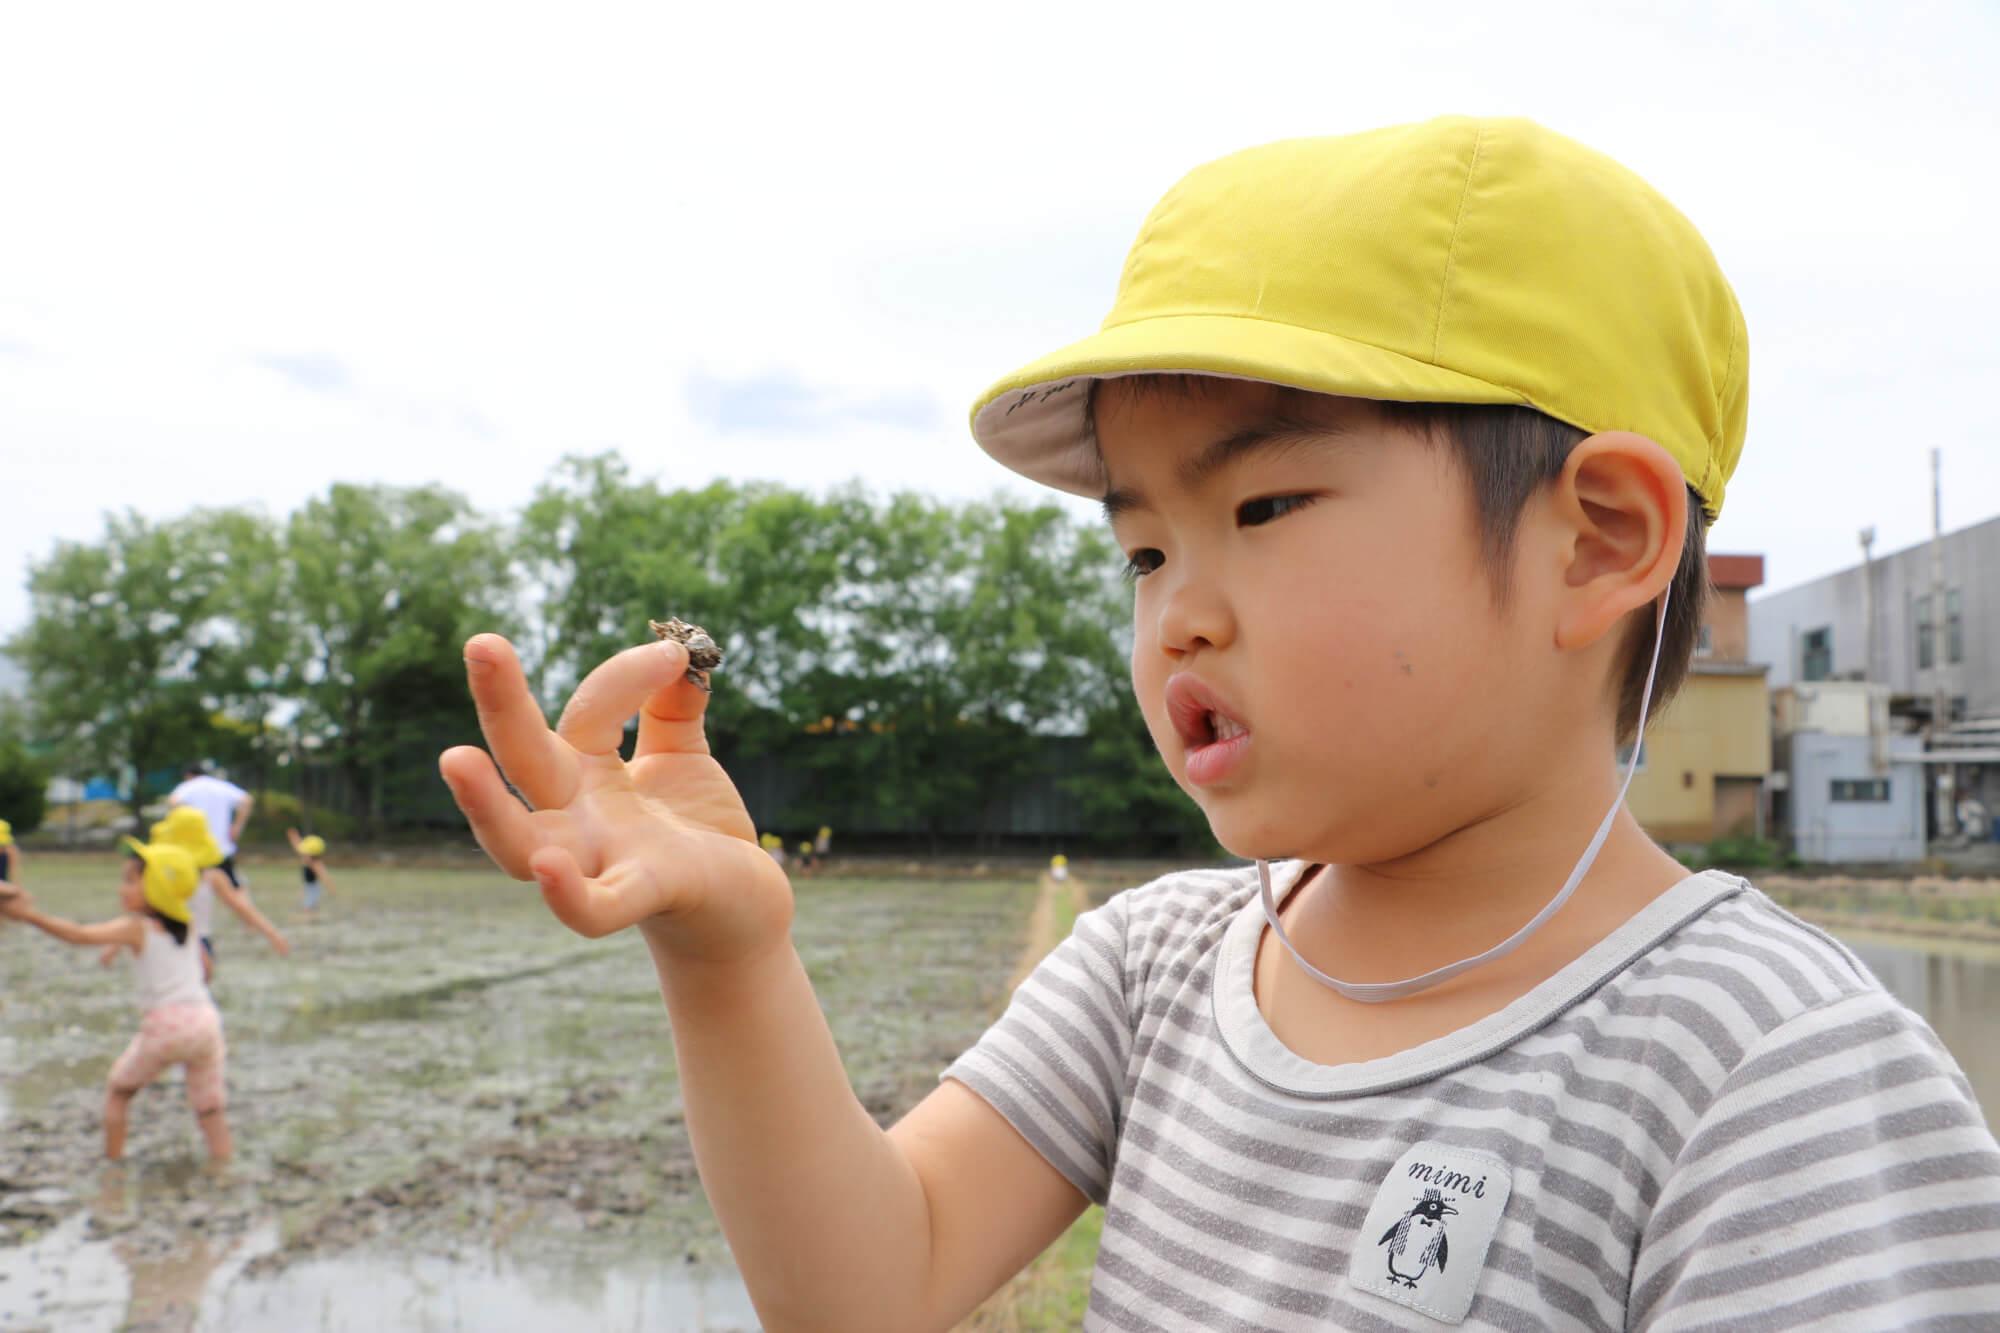 タニシを捕まえて観察する子ども